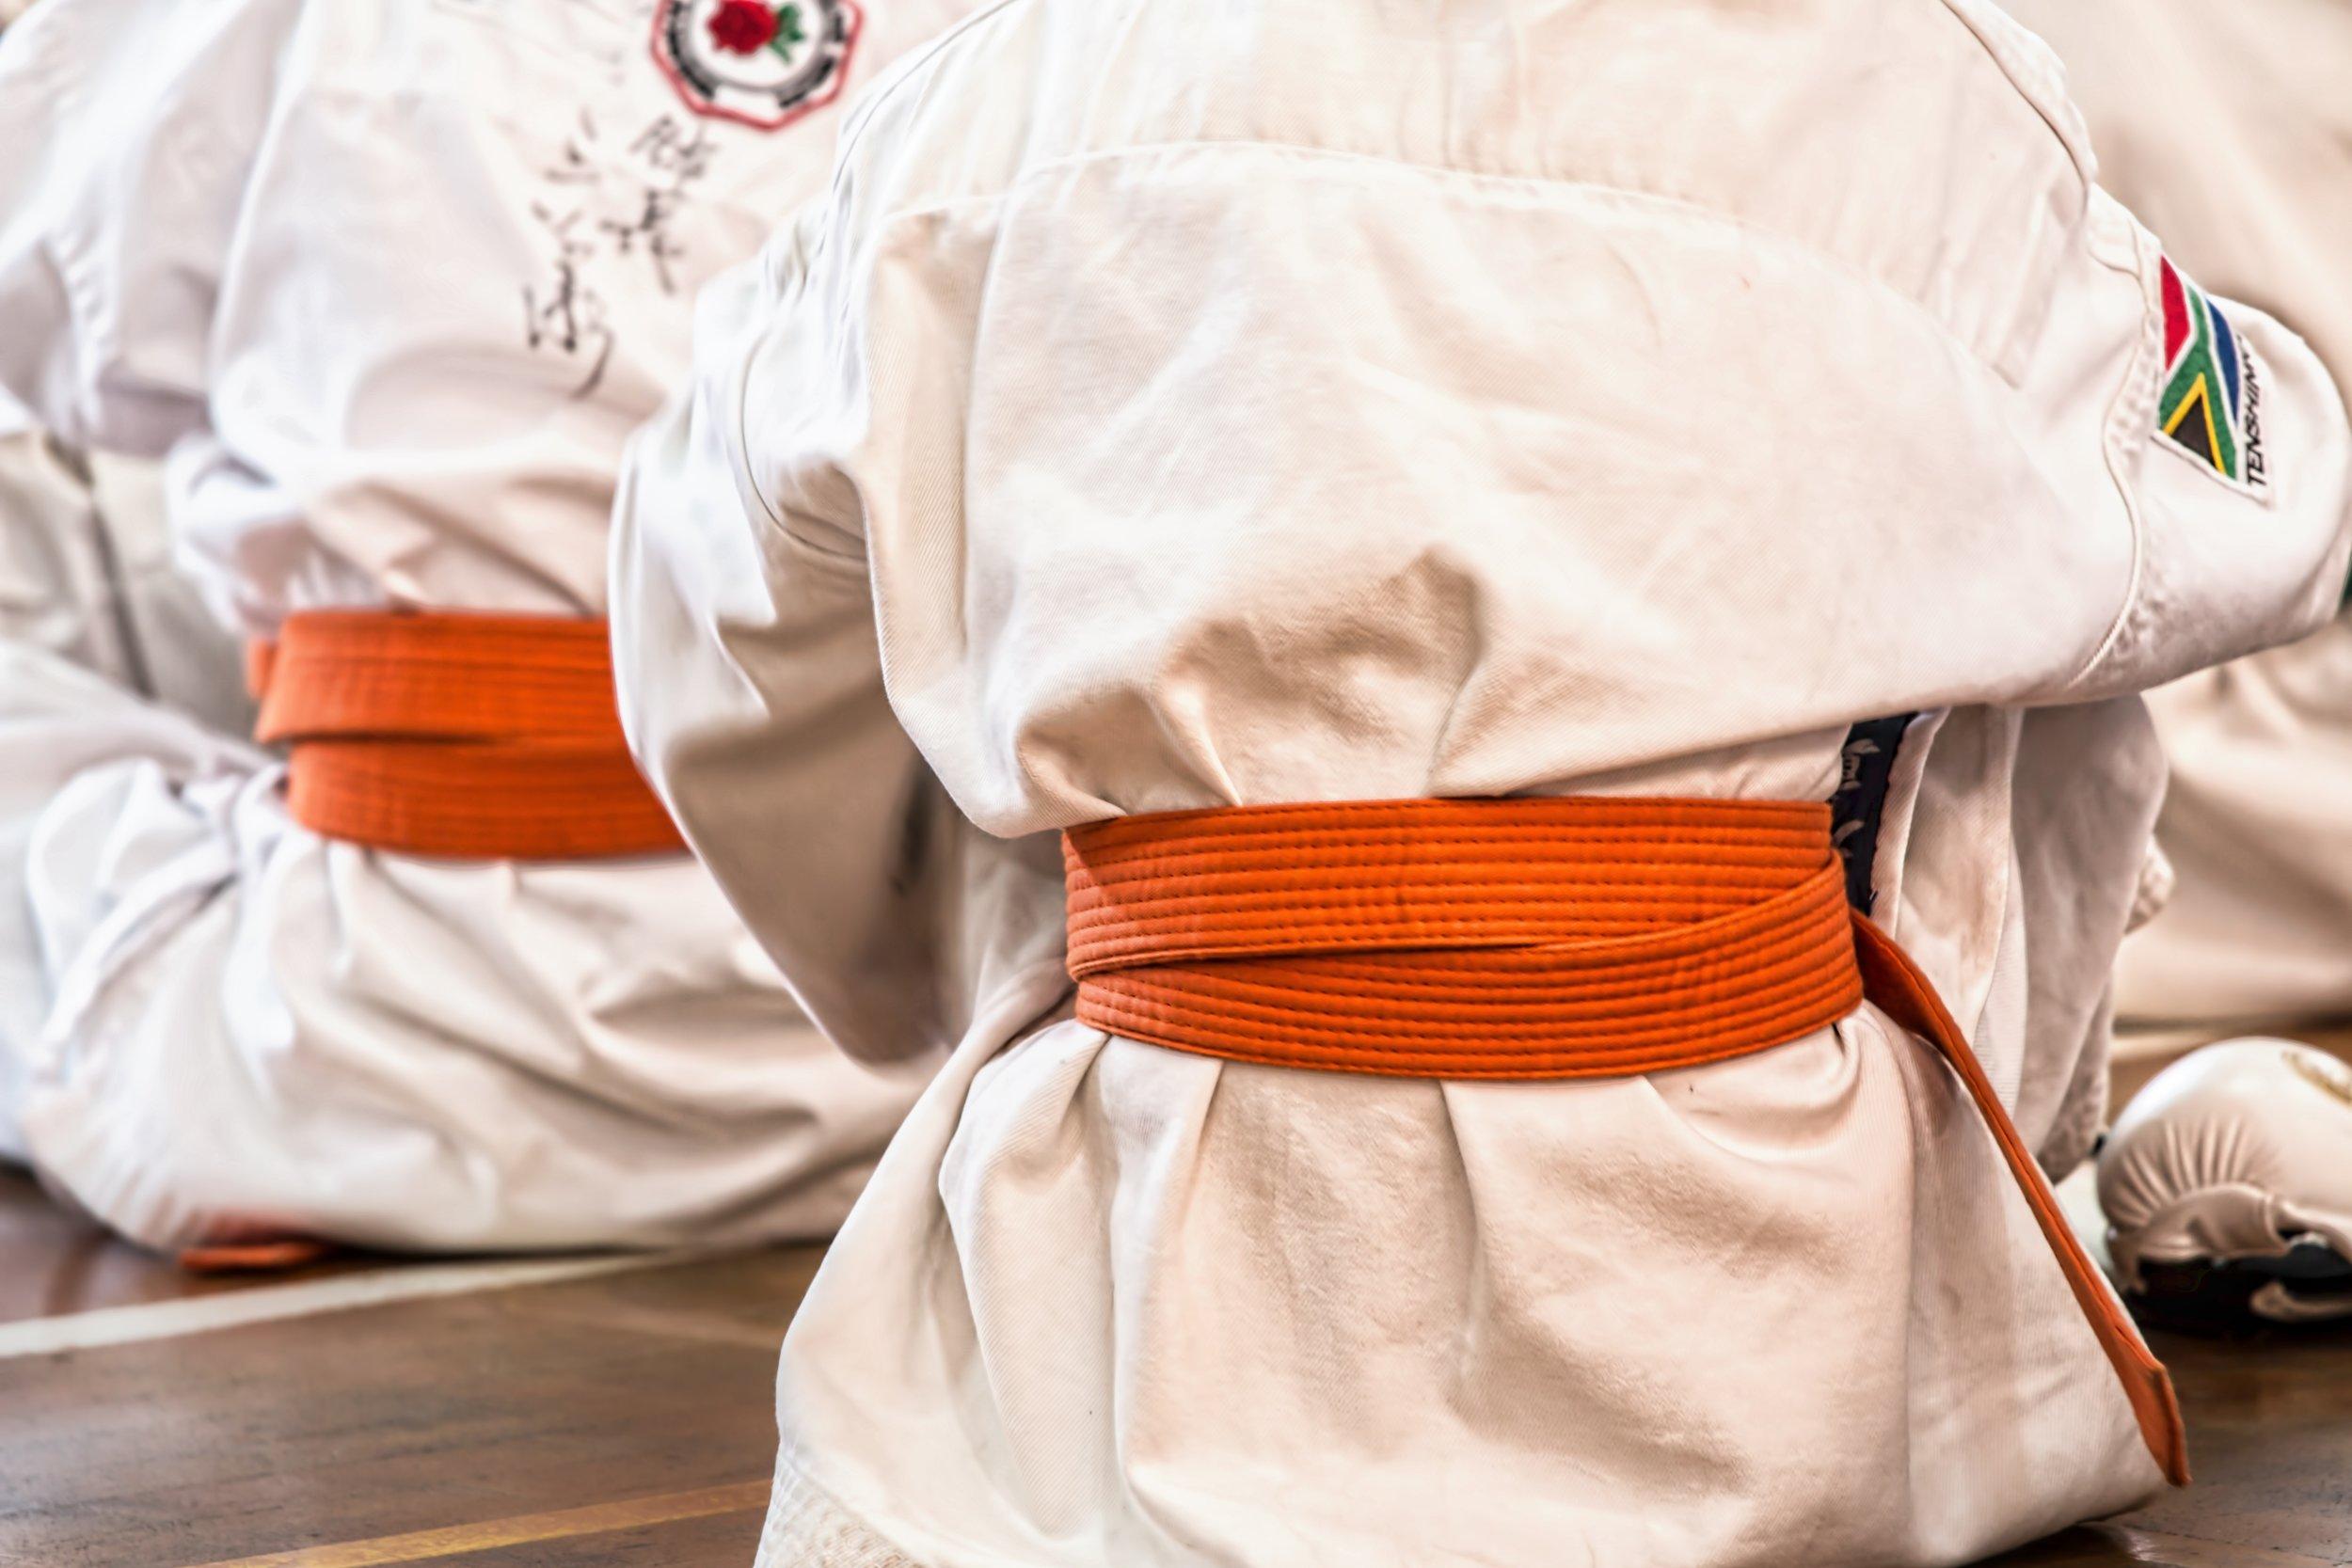 Kidjutsu - Kamppailulajien alkeita lapsille.Tunneilla tutustutaan oman kehon hallintaan, kamppailulajien tekniikkaan ja liikkeiden turvalliseen suorittamiseen.